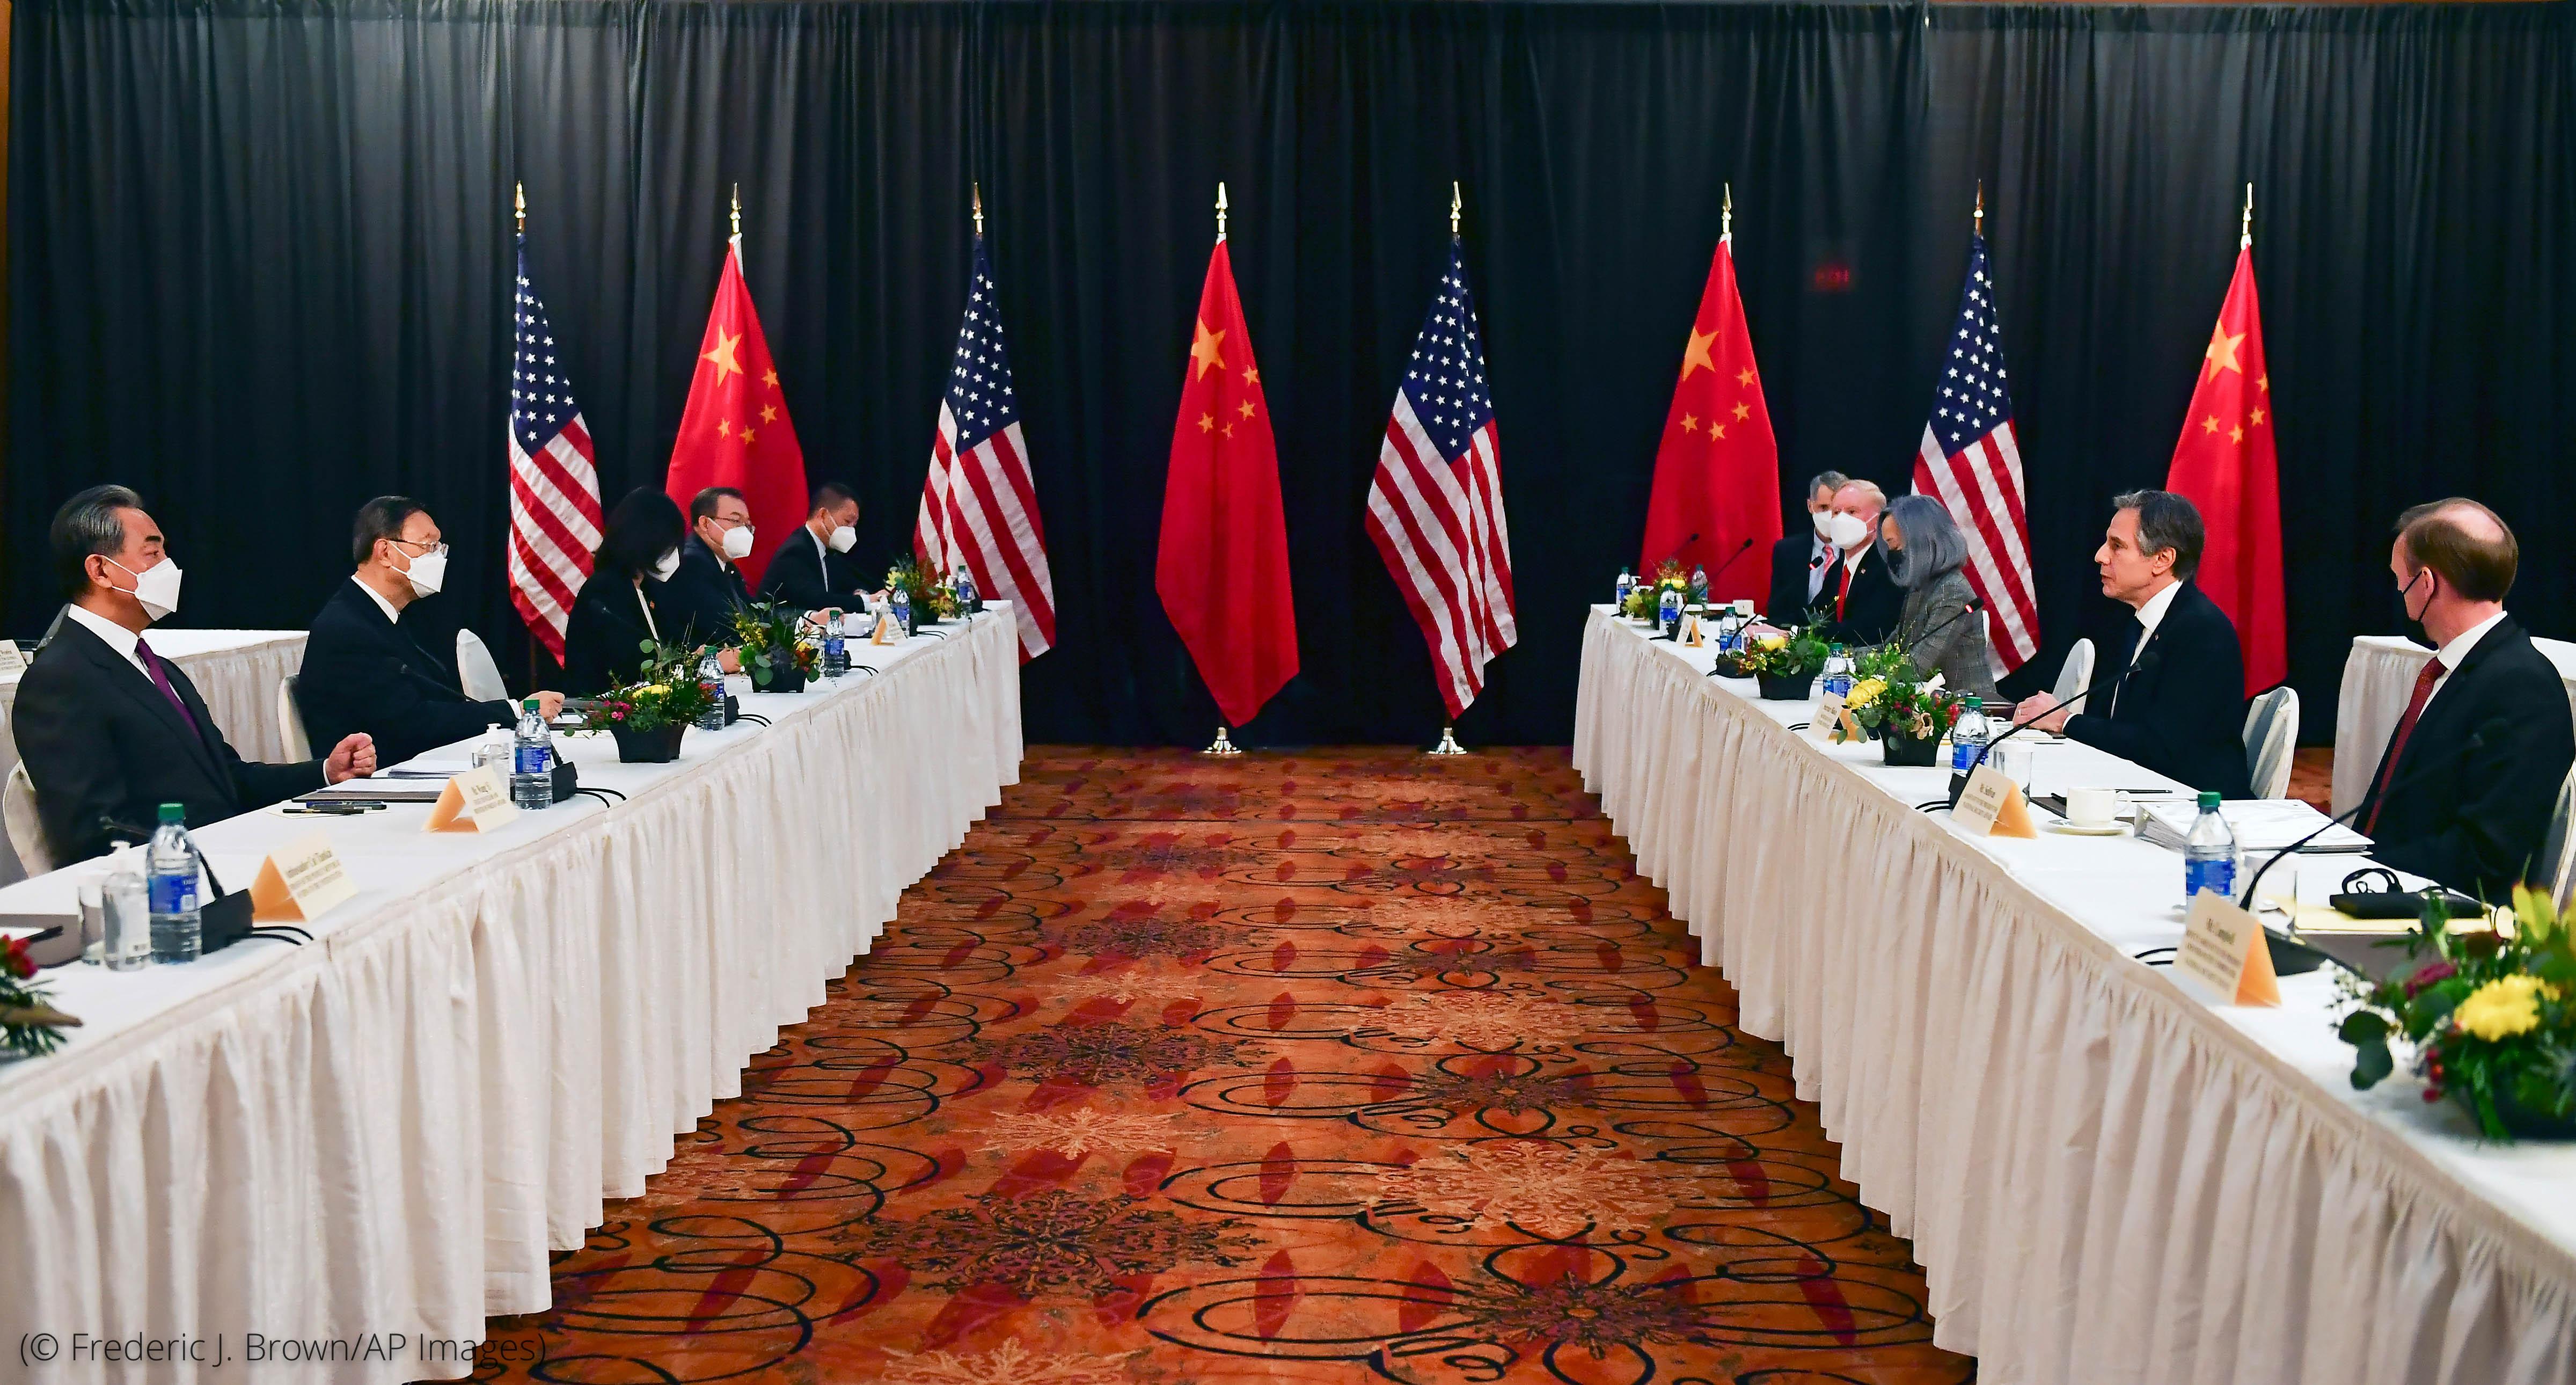 آمنے سامنے رکھیں دو لمبی میزوں کے پیچھے بیٹھے ہوئے لوگ۔ میز پر سفید کپڑا پڑا ہوا ہے اور ایک کنارے پر امریکی اور چینی پرچم لگے ہوئے ہیں (© Frederic J. Brown/AP Images)